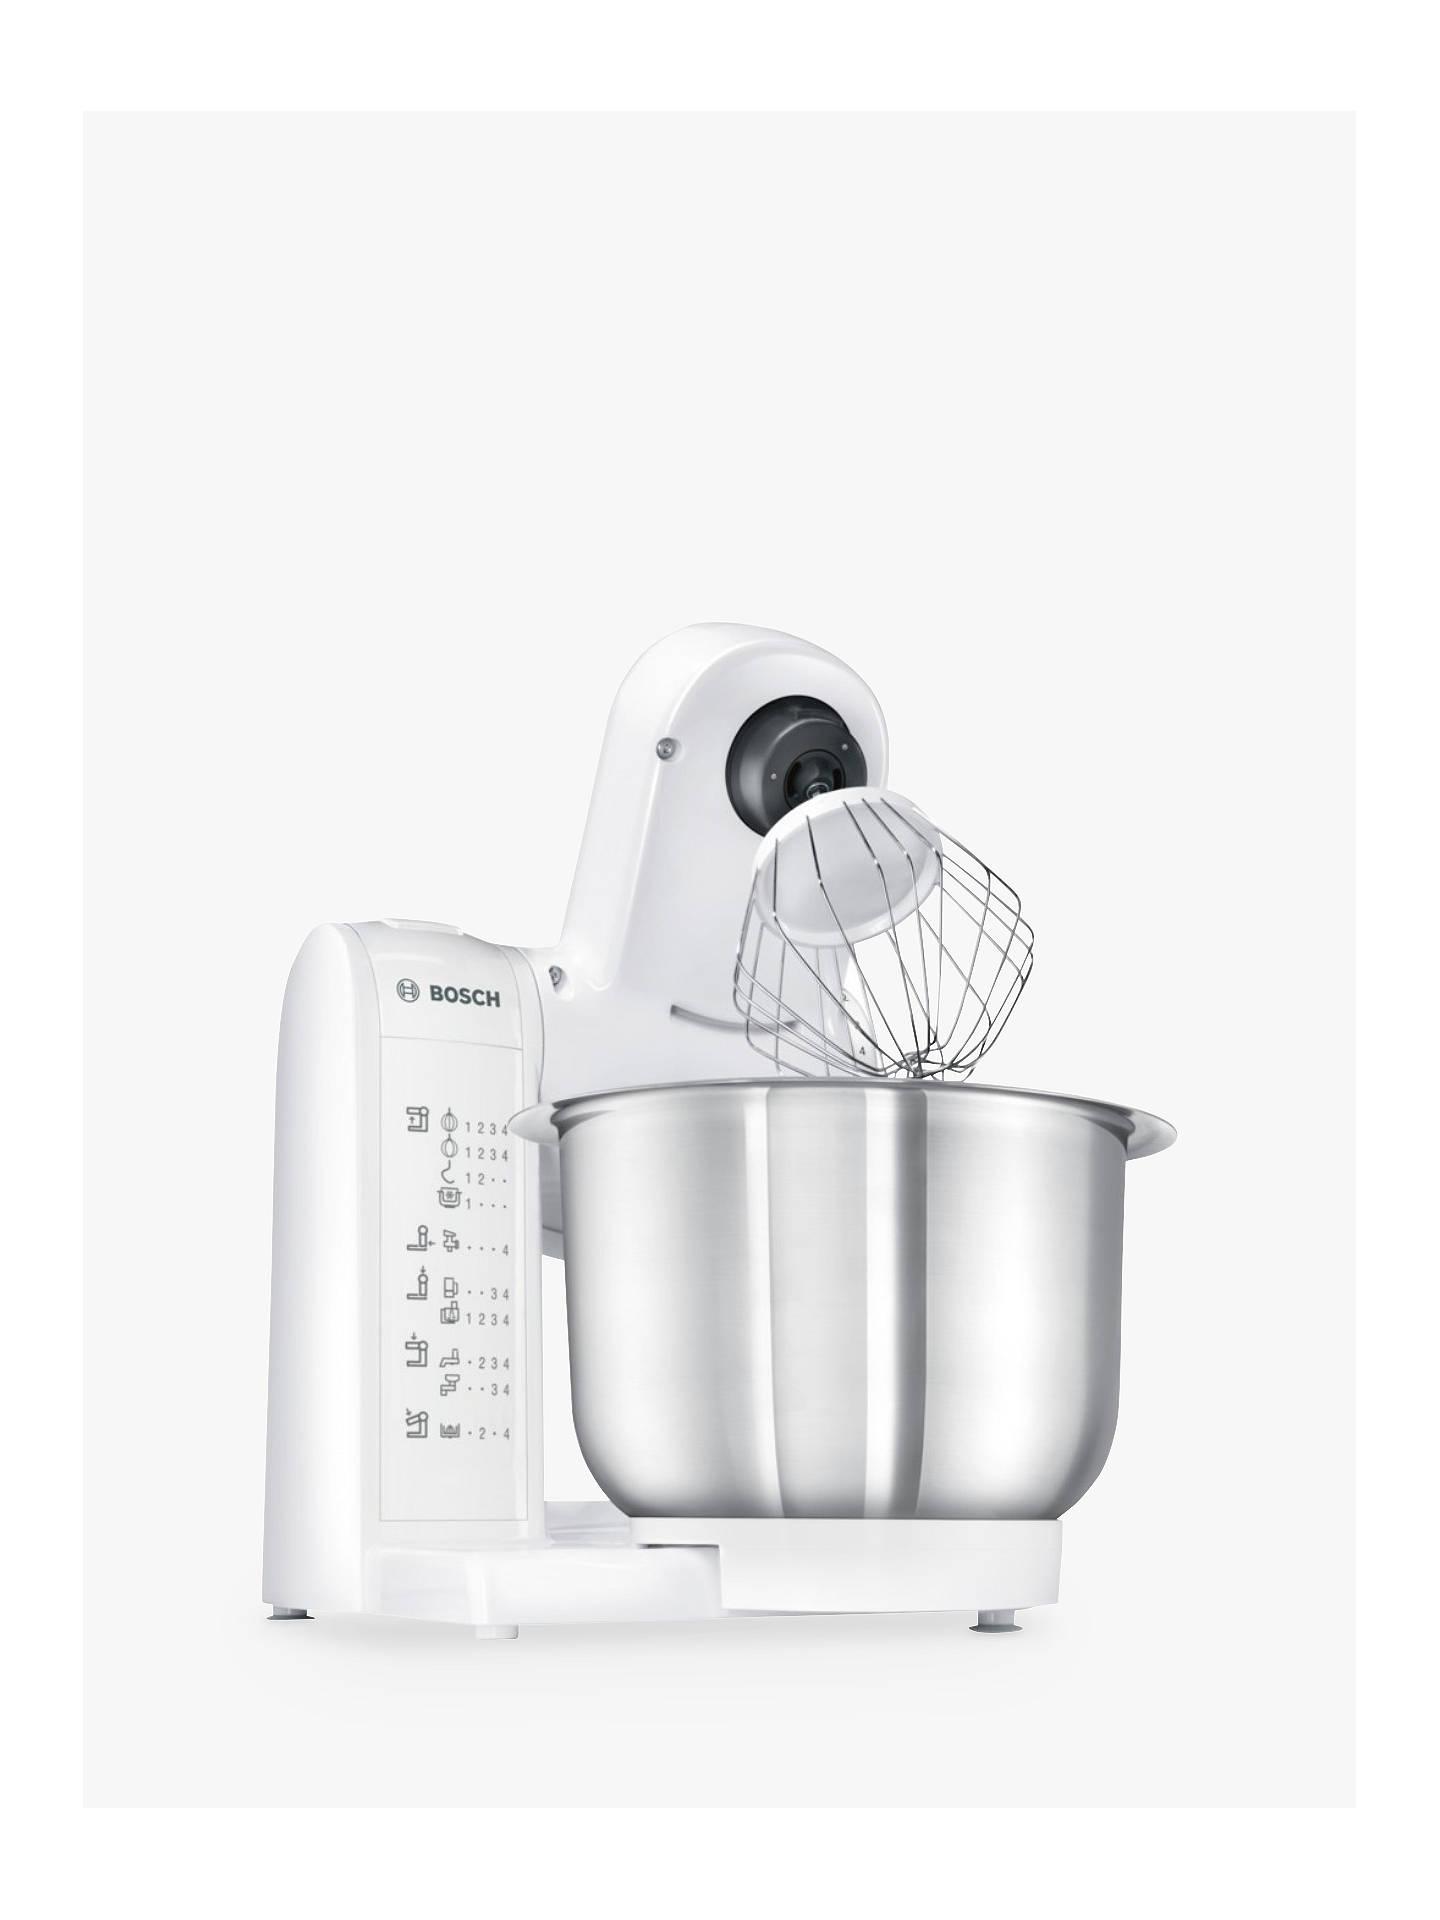 Bosch Mum4807gb Kitchen Food Mixer White